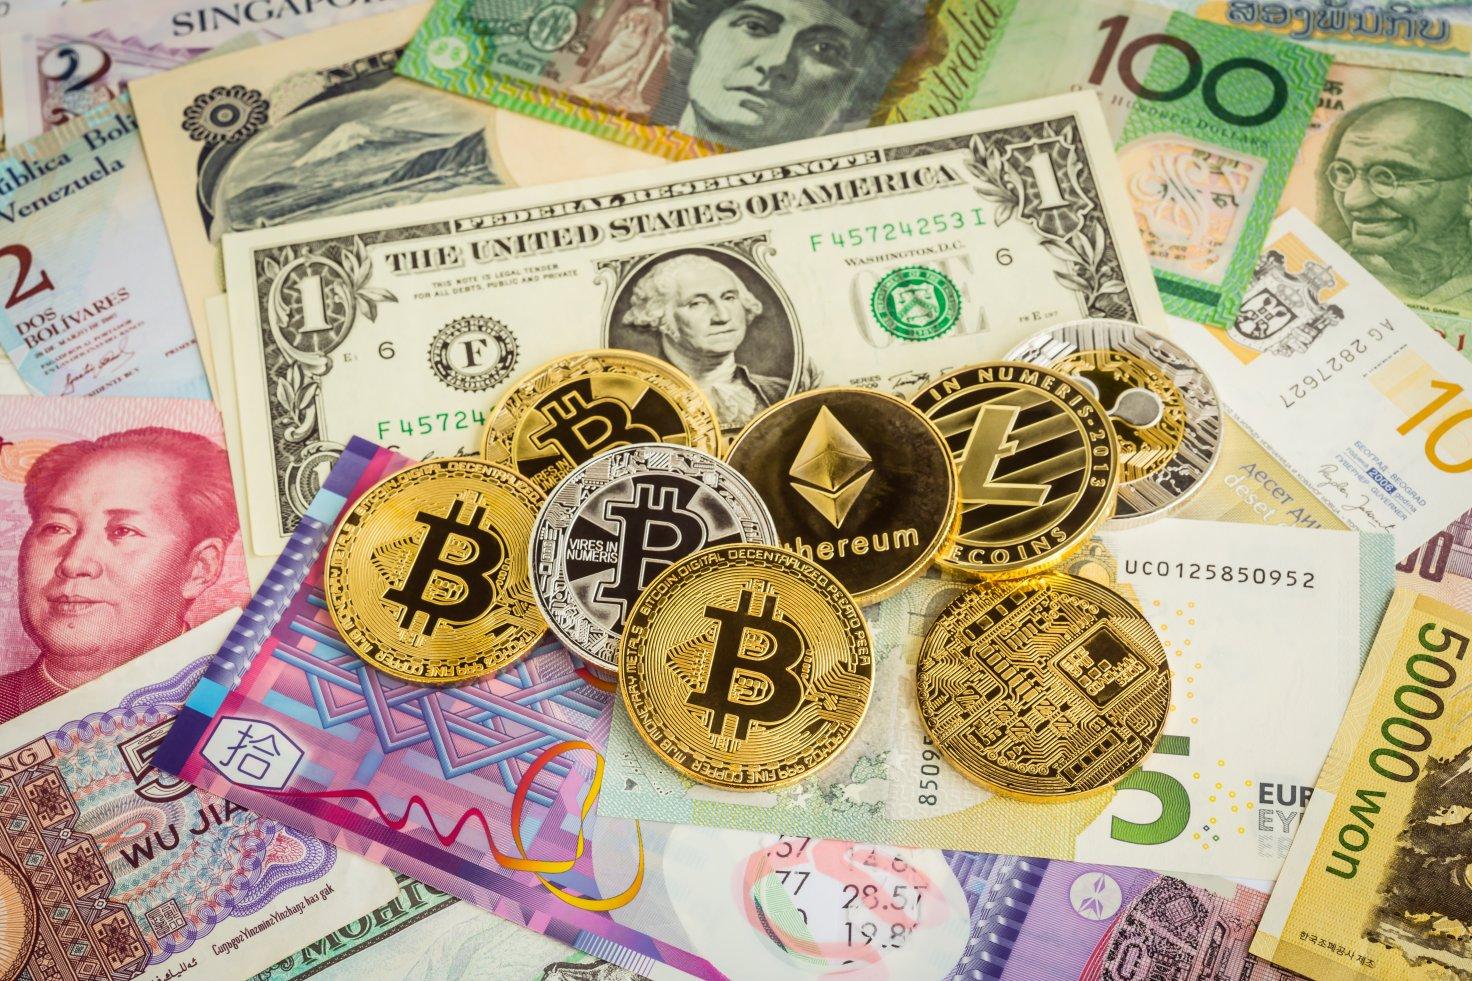 Как заработать на криптовалюте без вложений в 2020 - топ способов заработка на криптовалюте